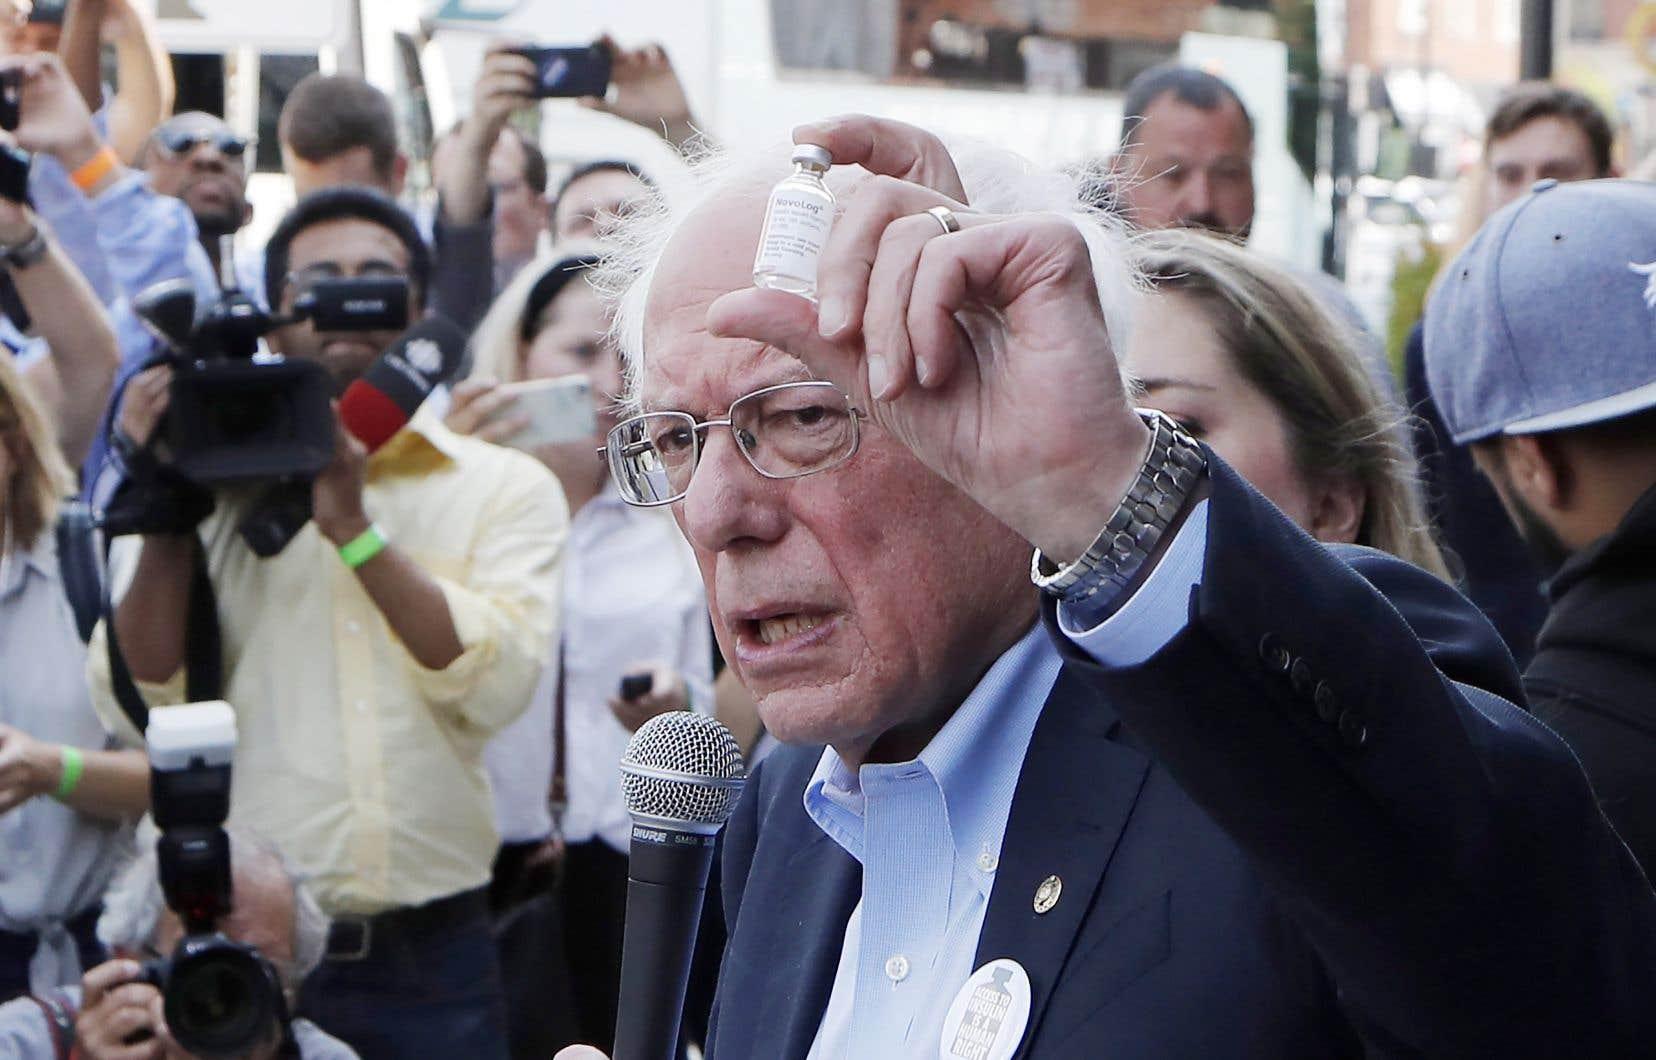 Bernie Sanders tenait un flacon d'insuline, dimanche, lorsqu'il s'est adressé aux médias devant une pharmacie de Windsor.